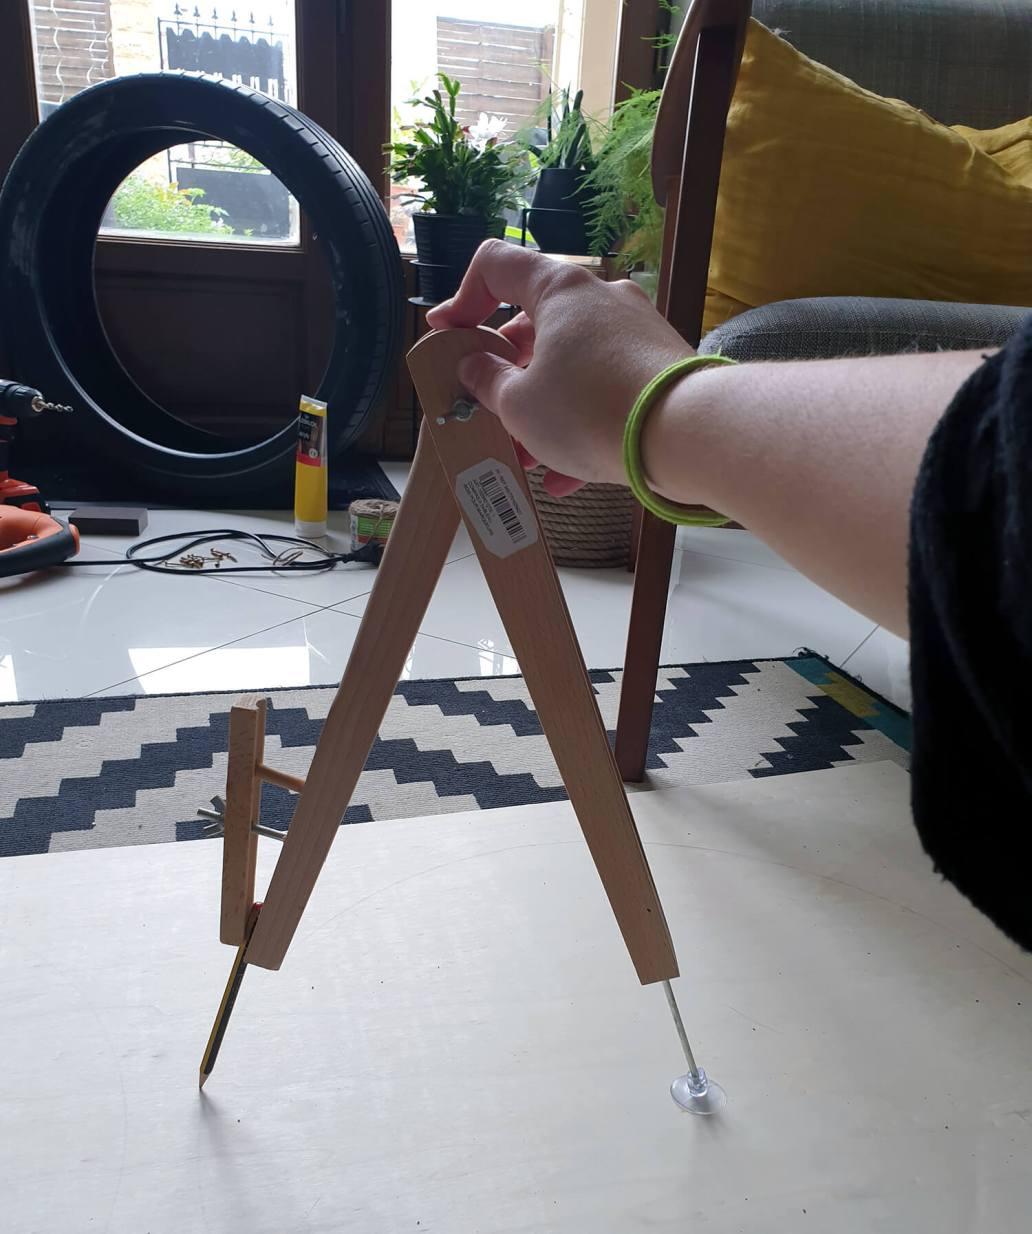 20200929 171630 - DIY Récup : fabriquer une table basse avec un pneu